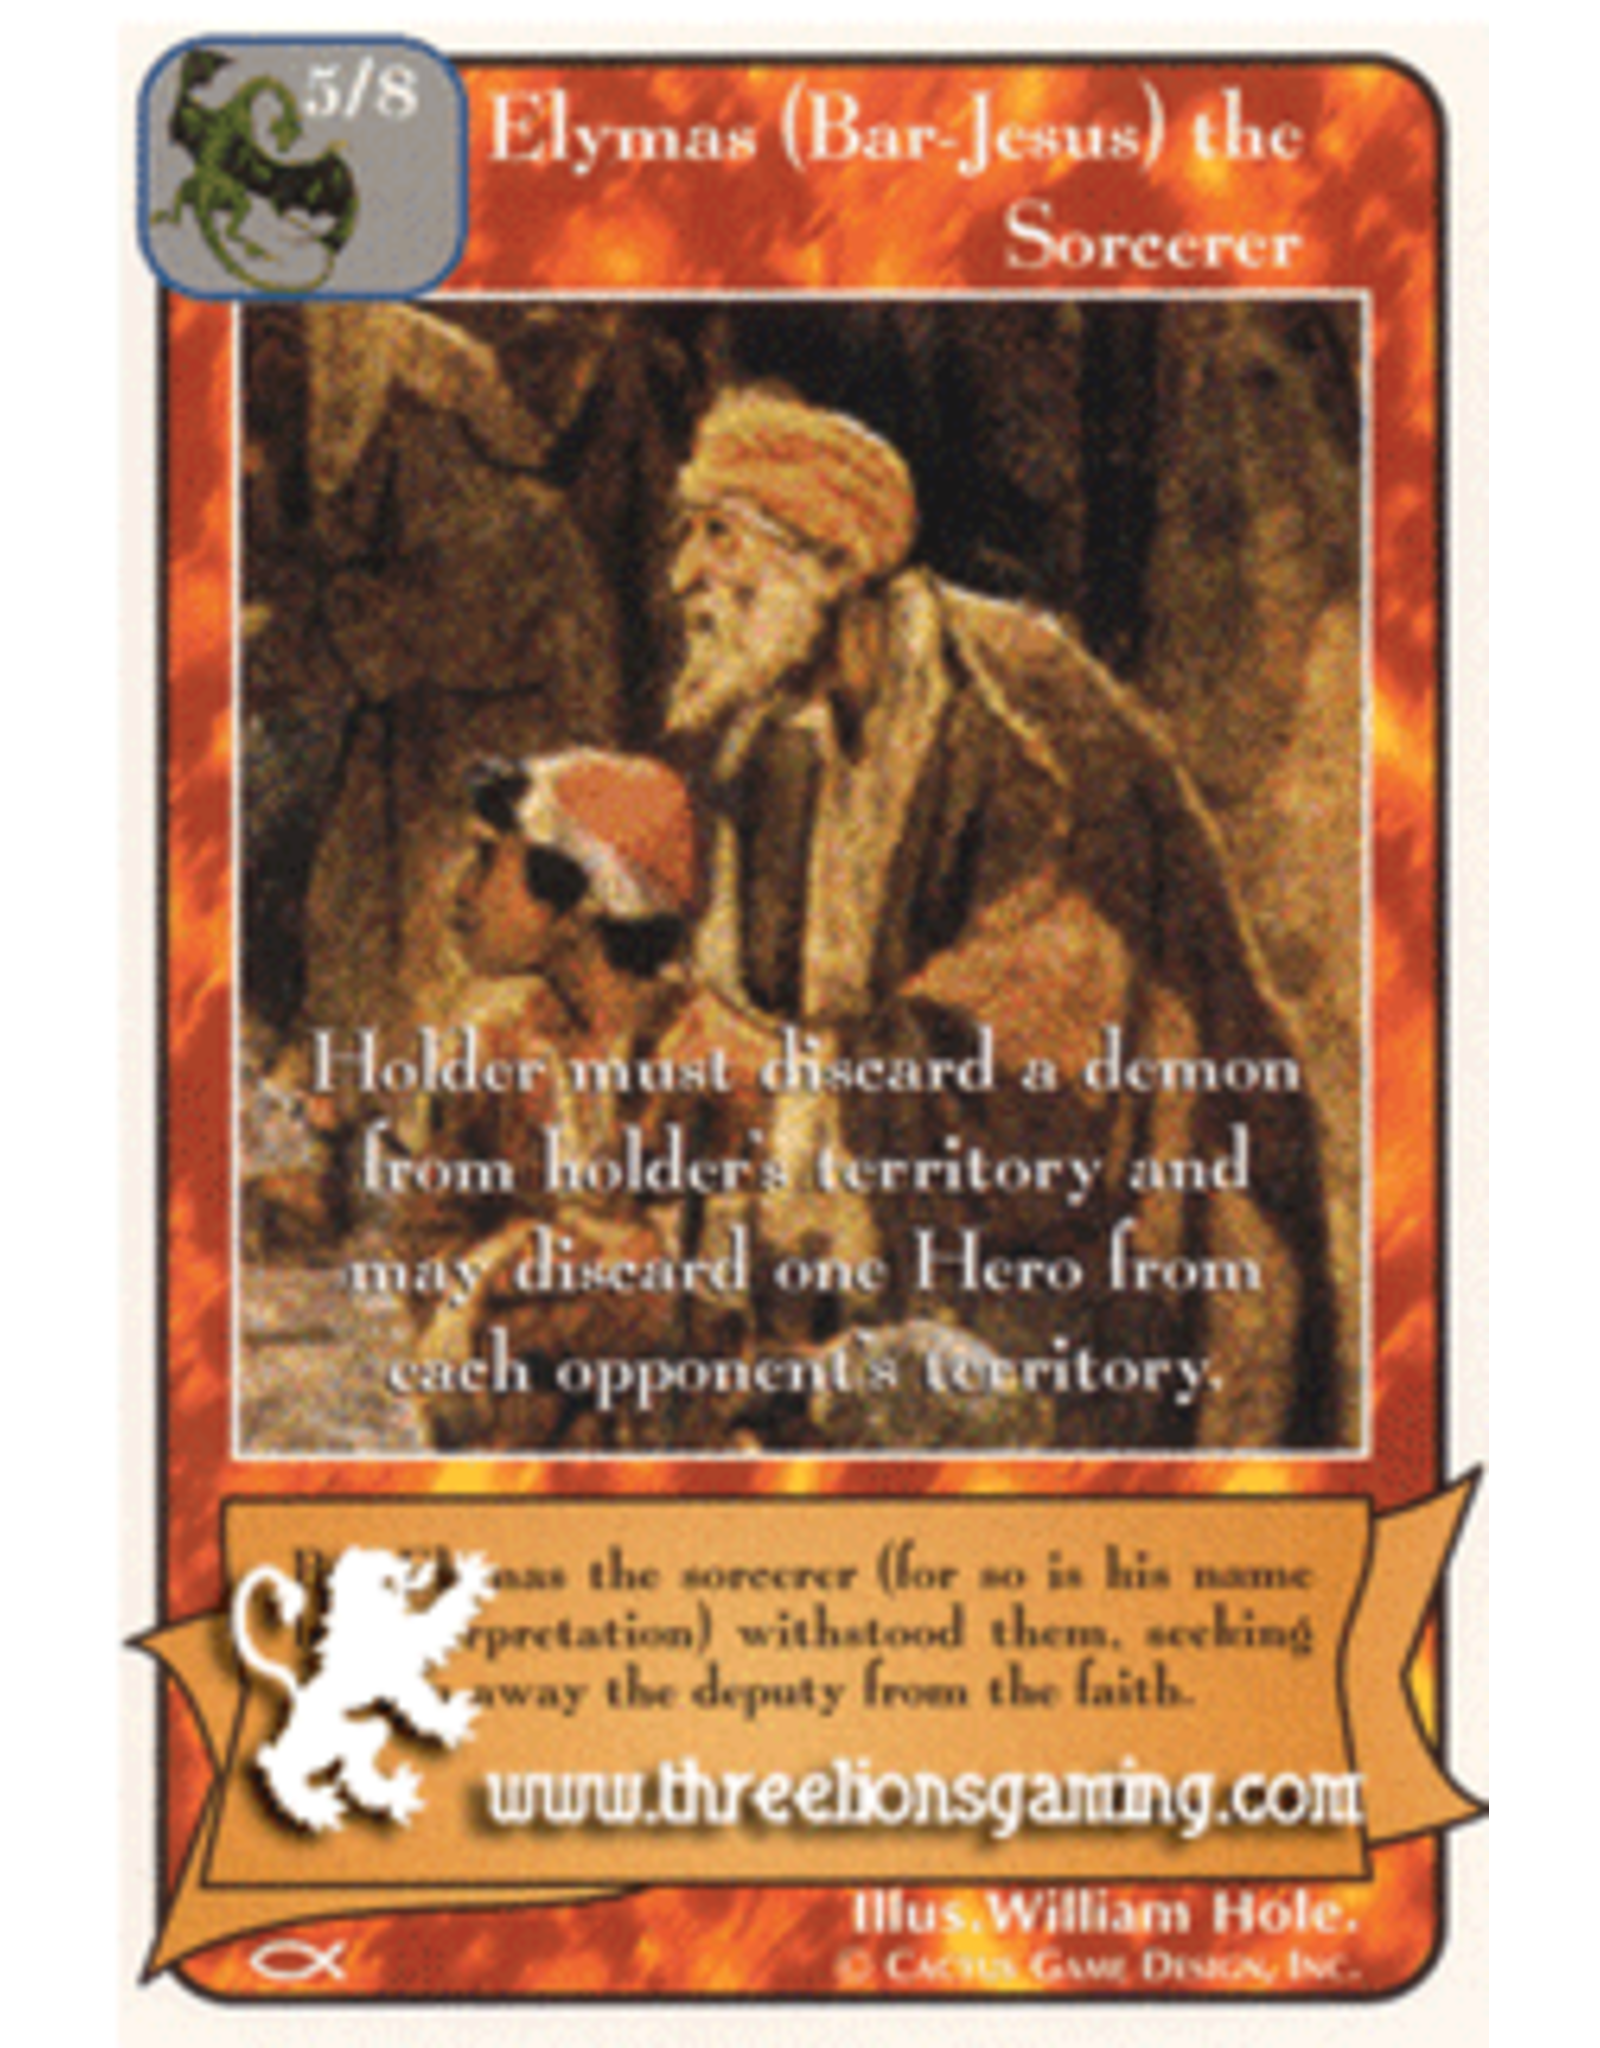 Ap: Elymas (Bar-Jesus) the Sorcerer